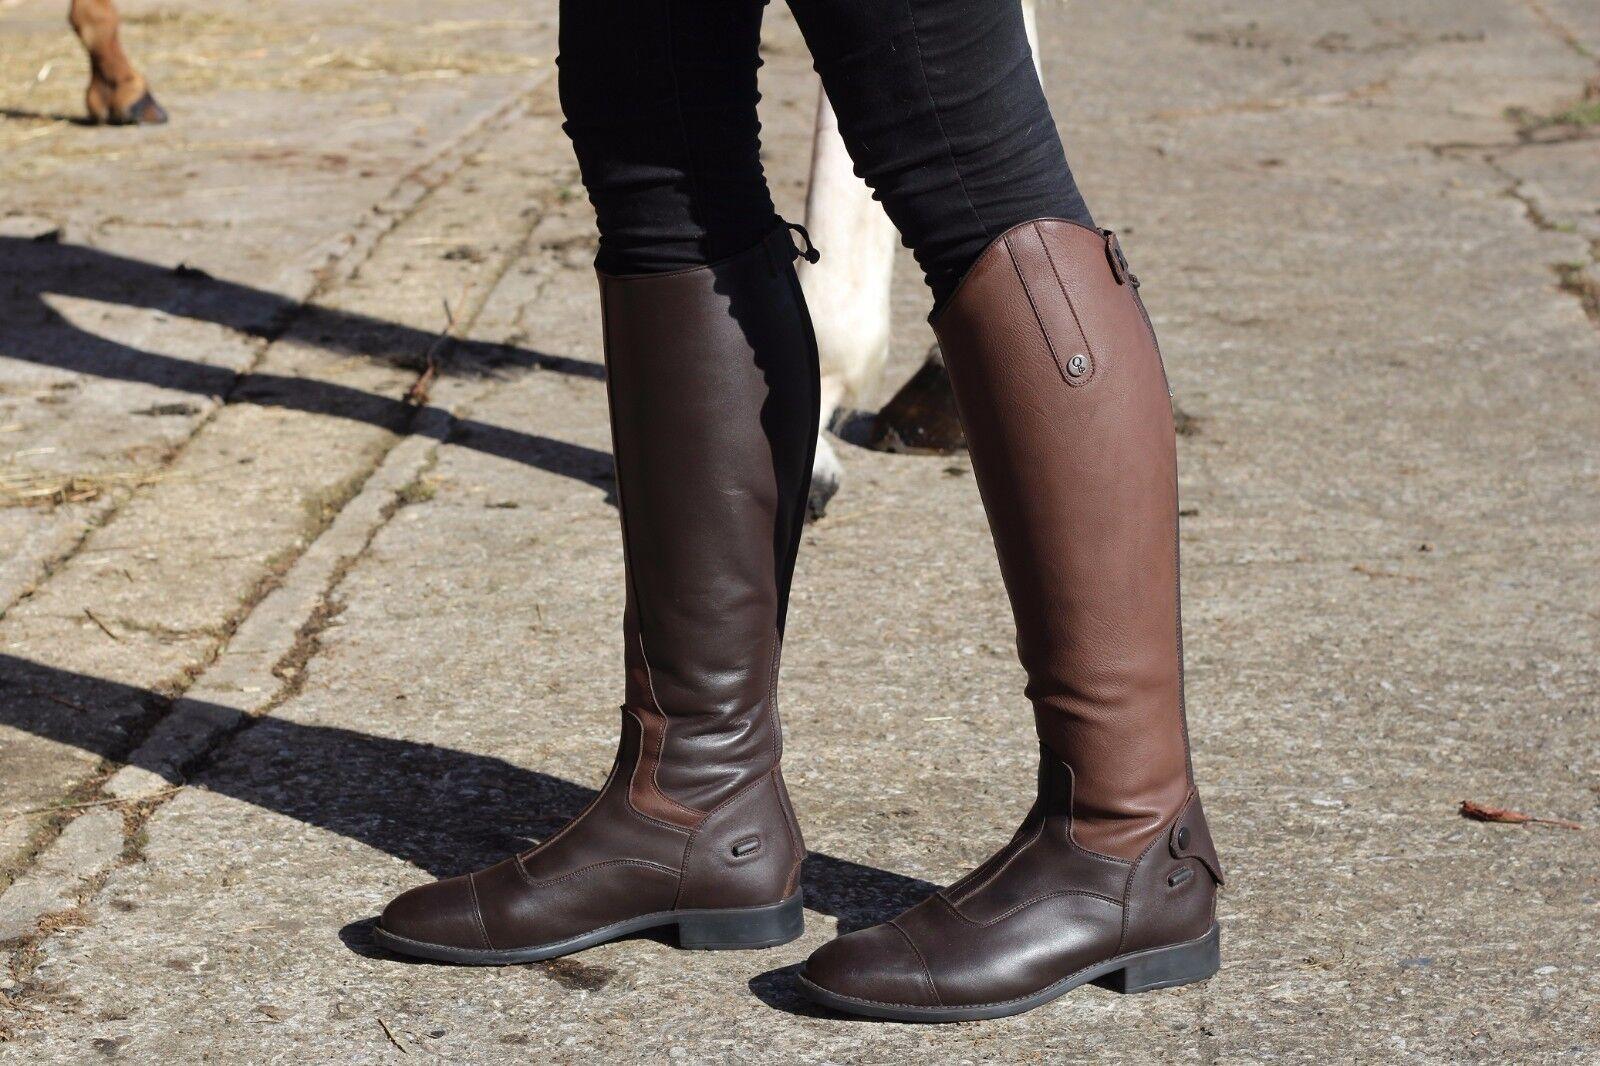 Nuevas botas De Montar QHP Birgit Largo Resistente Con Eje Elástico para Adultos Negro Marrón